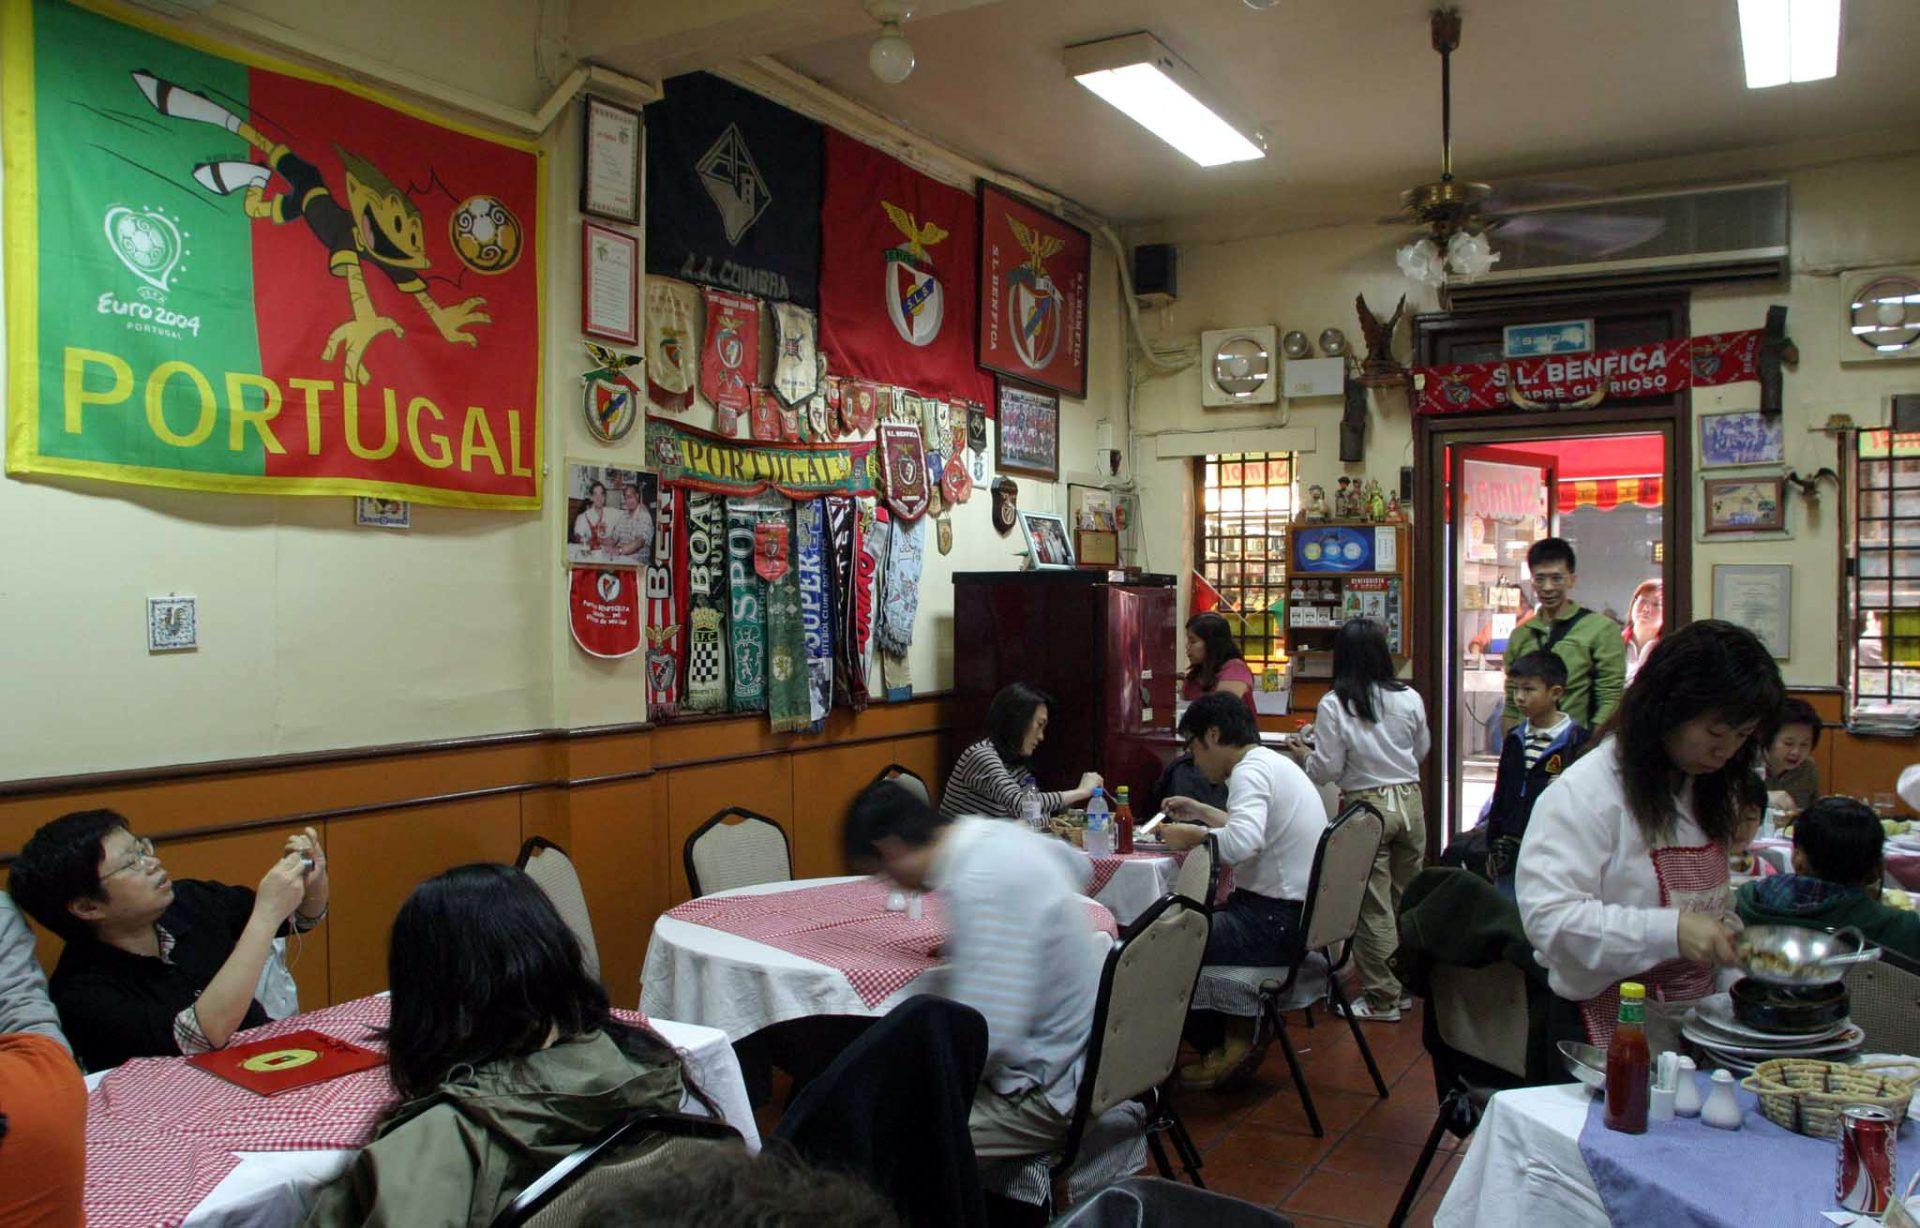 """Do Alentejo para Macau, o marinheiro """"Santos"""" divulga os sabores da gastronomia portuguesa ha mais de 15 anos na principal rua do centro historico da ilha da Taipa, em Macau. 10/04/2005 . CARMO CORREIA/LUSA"""